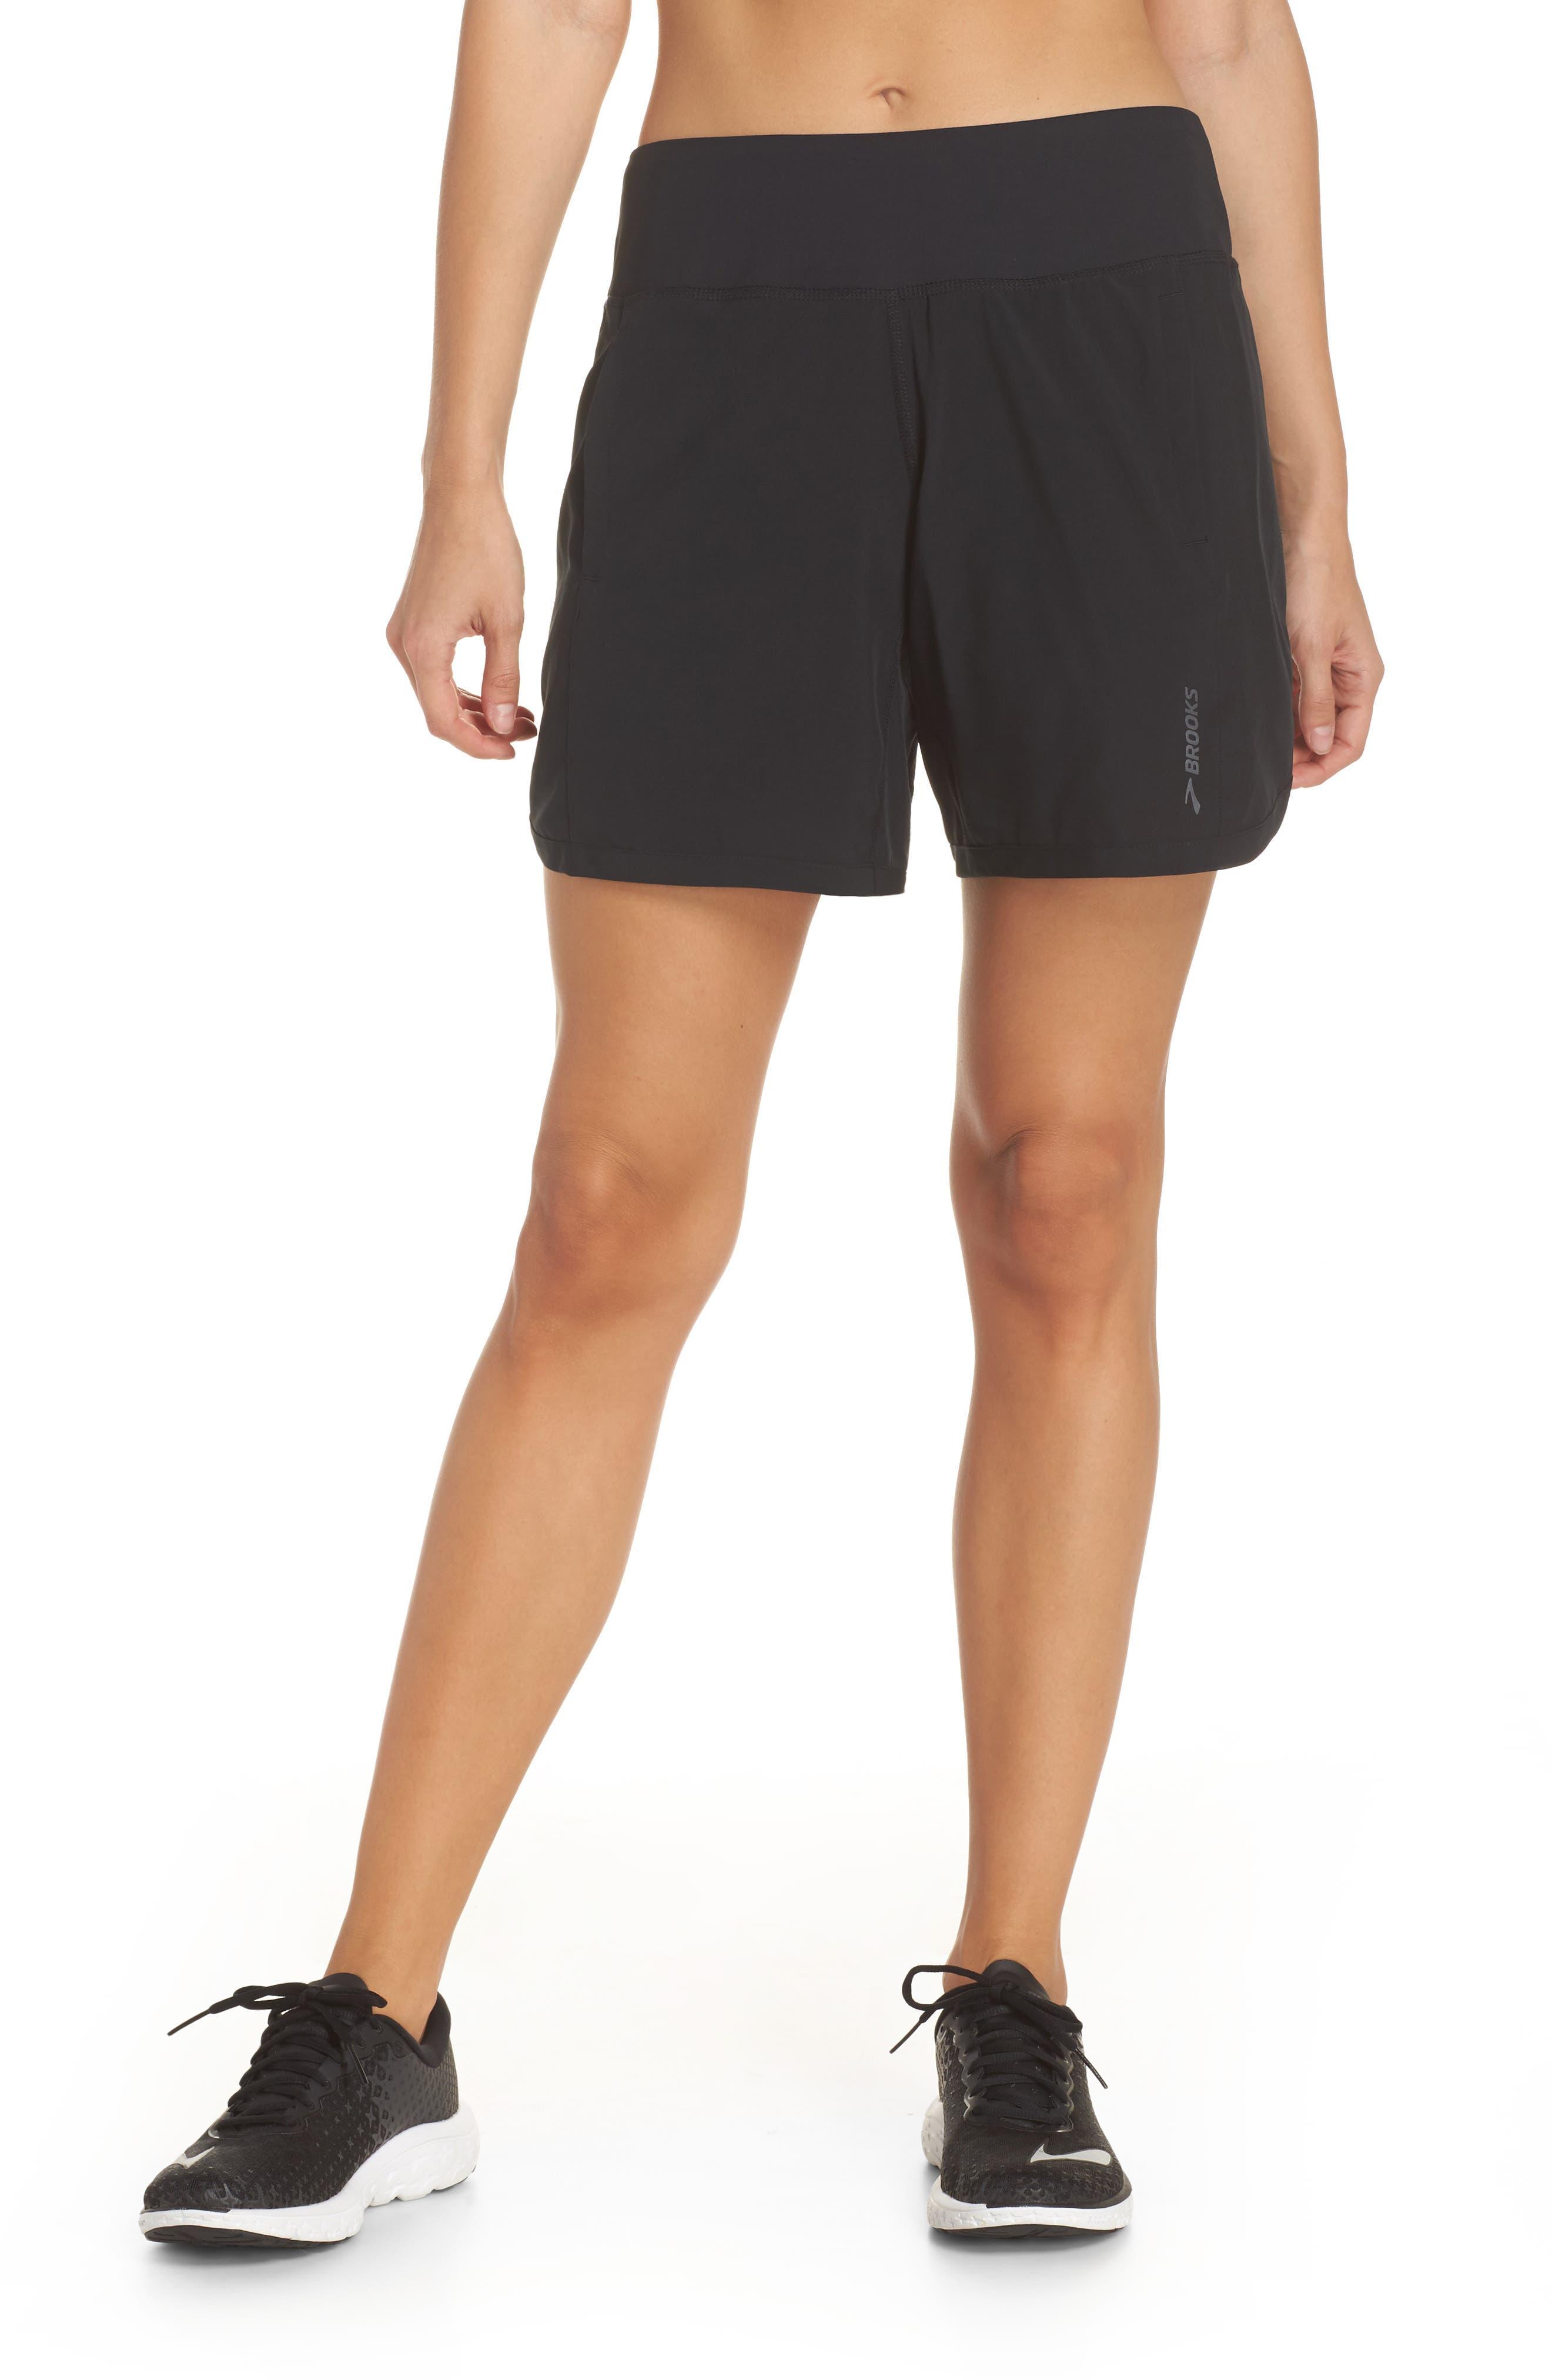 Chaser 7 Shorts,                             Main thumbnail 1, color,                             BLACK